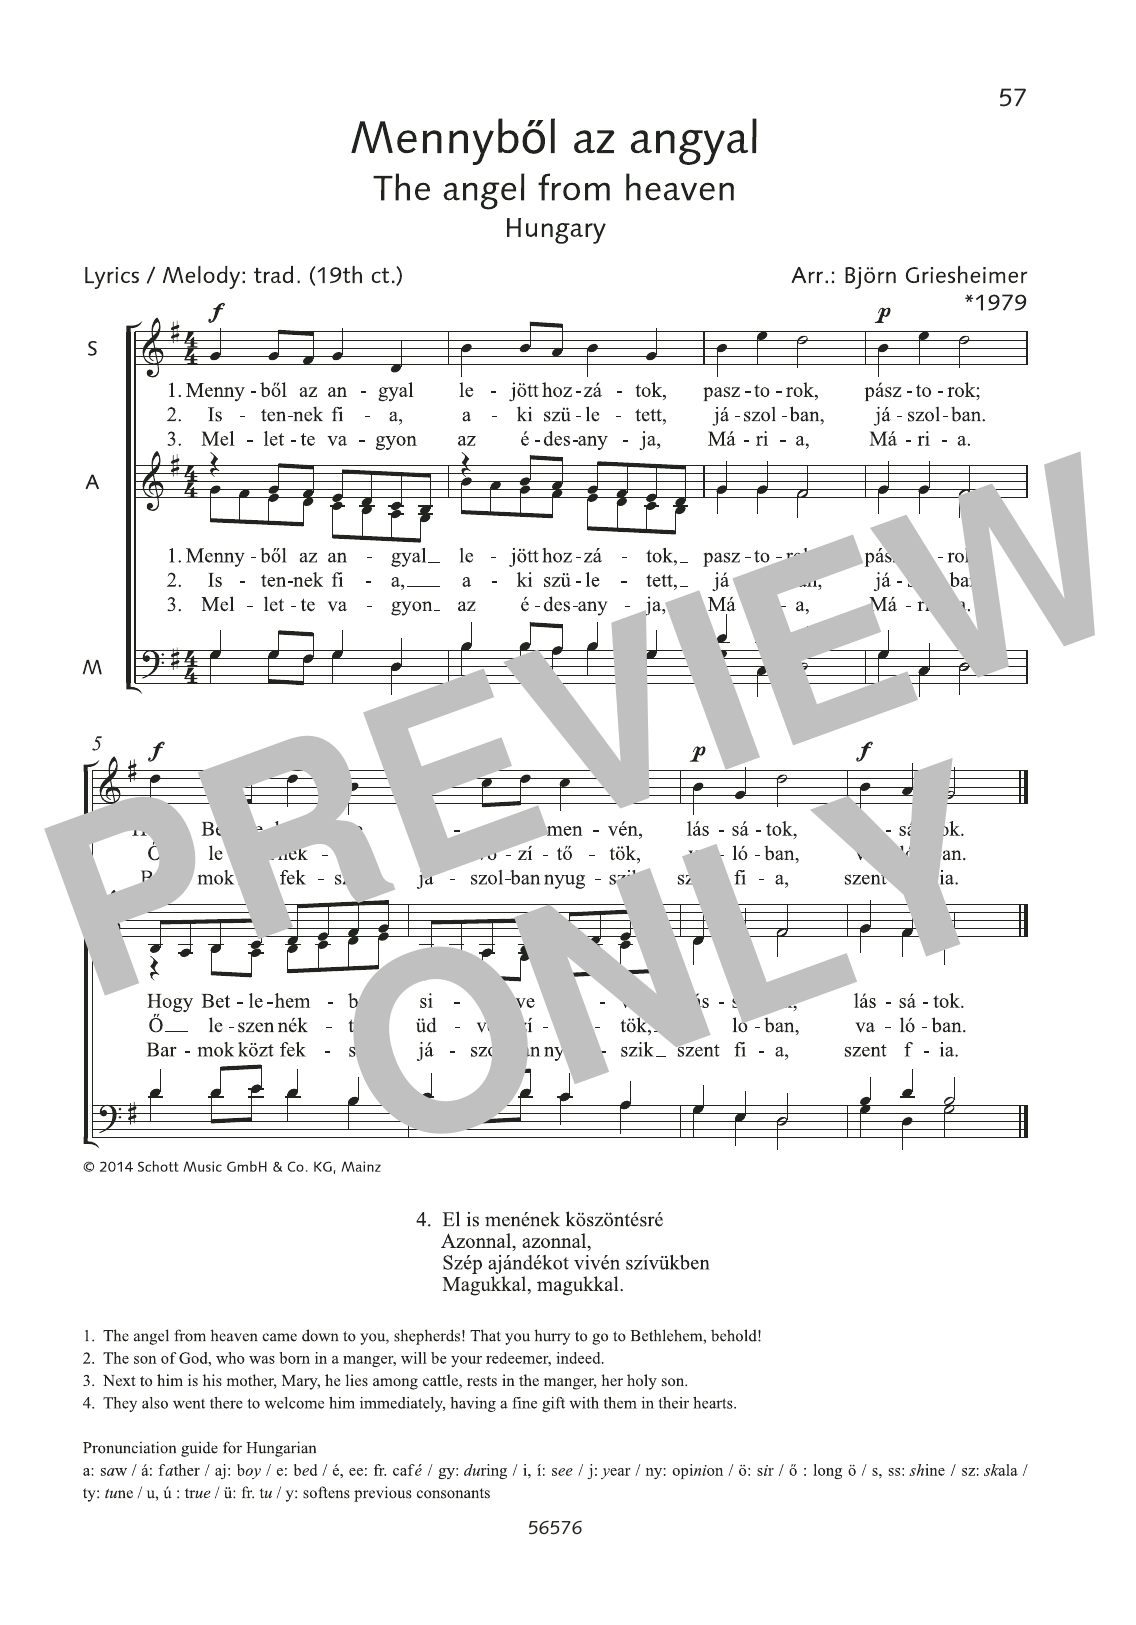 Mennyböl az angyal Sheet Music